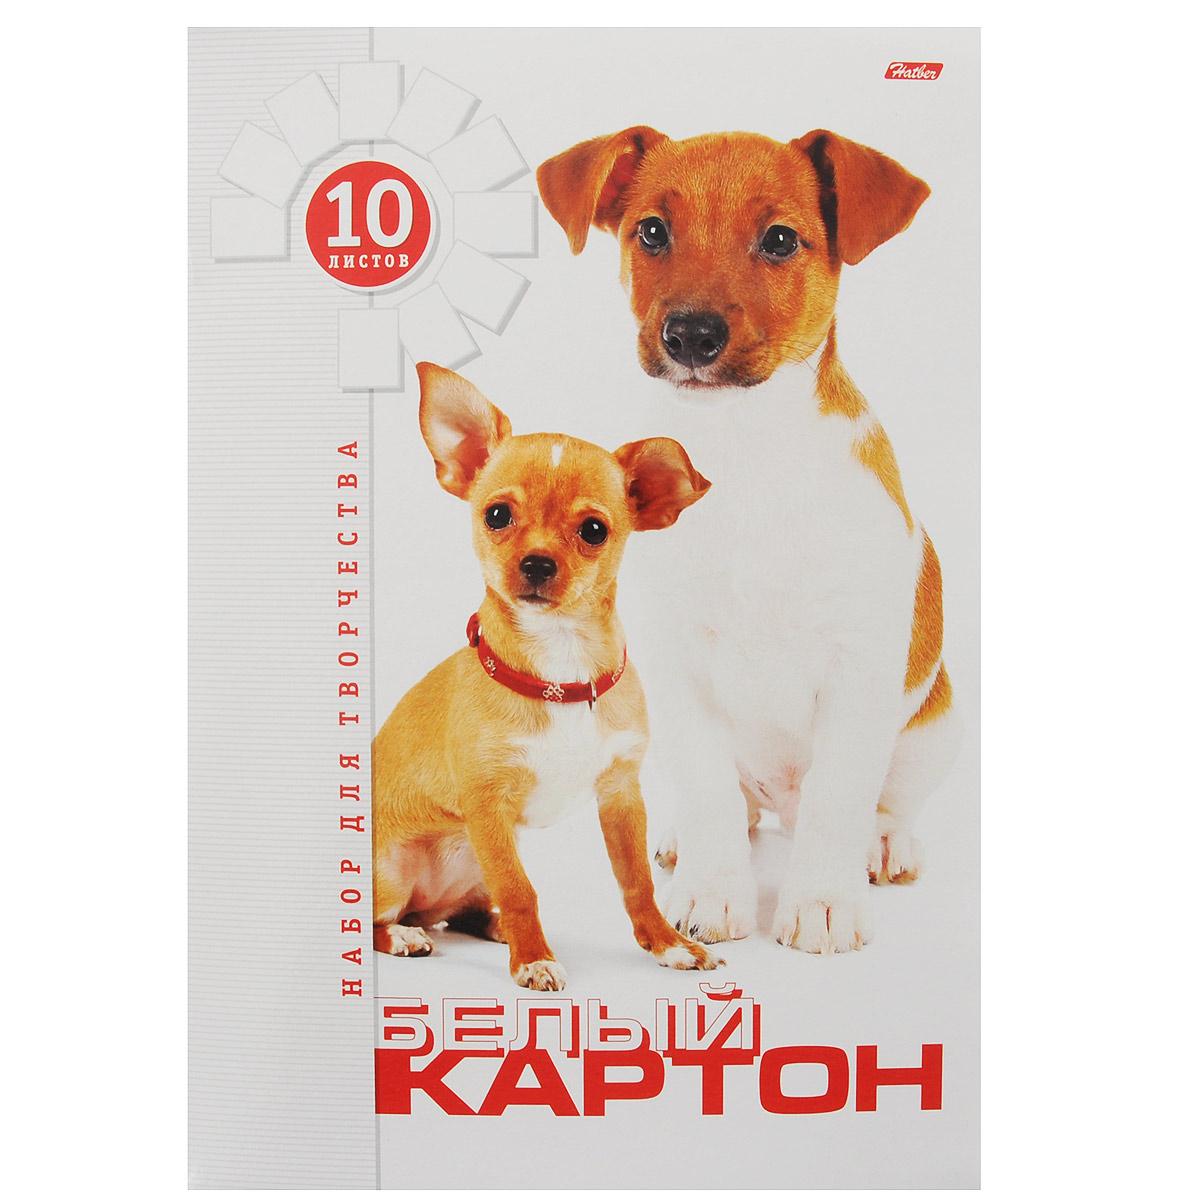 Картон Hatber Два щенка, цвет: белый, 10 листов72523WDКартон Hatber Два щенка позволит вашему ребенку создавать всевозможные аппликации и поделки. Набор состоит из десяти листов картона белого цвета с полуглянцевым покрытием формата А4. Картон упакован в оригинальную картонную папку, оформленную изображением двух щенков. На внутренней стороне обложки расположена раскраска в виде доброго щенка.Создание поделок из картона поможет ребенку в развитии творческихспособностей, кроме того, это увлекательный досуг.Рекомендуемый возраст от 6 лет.